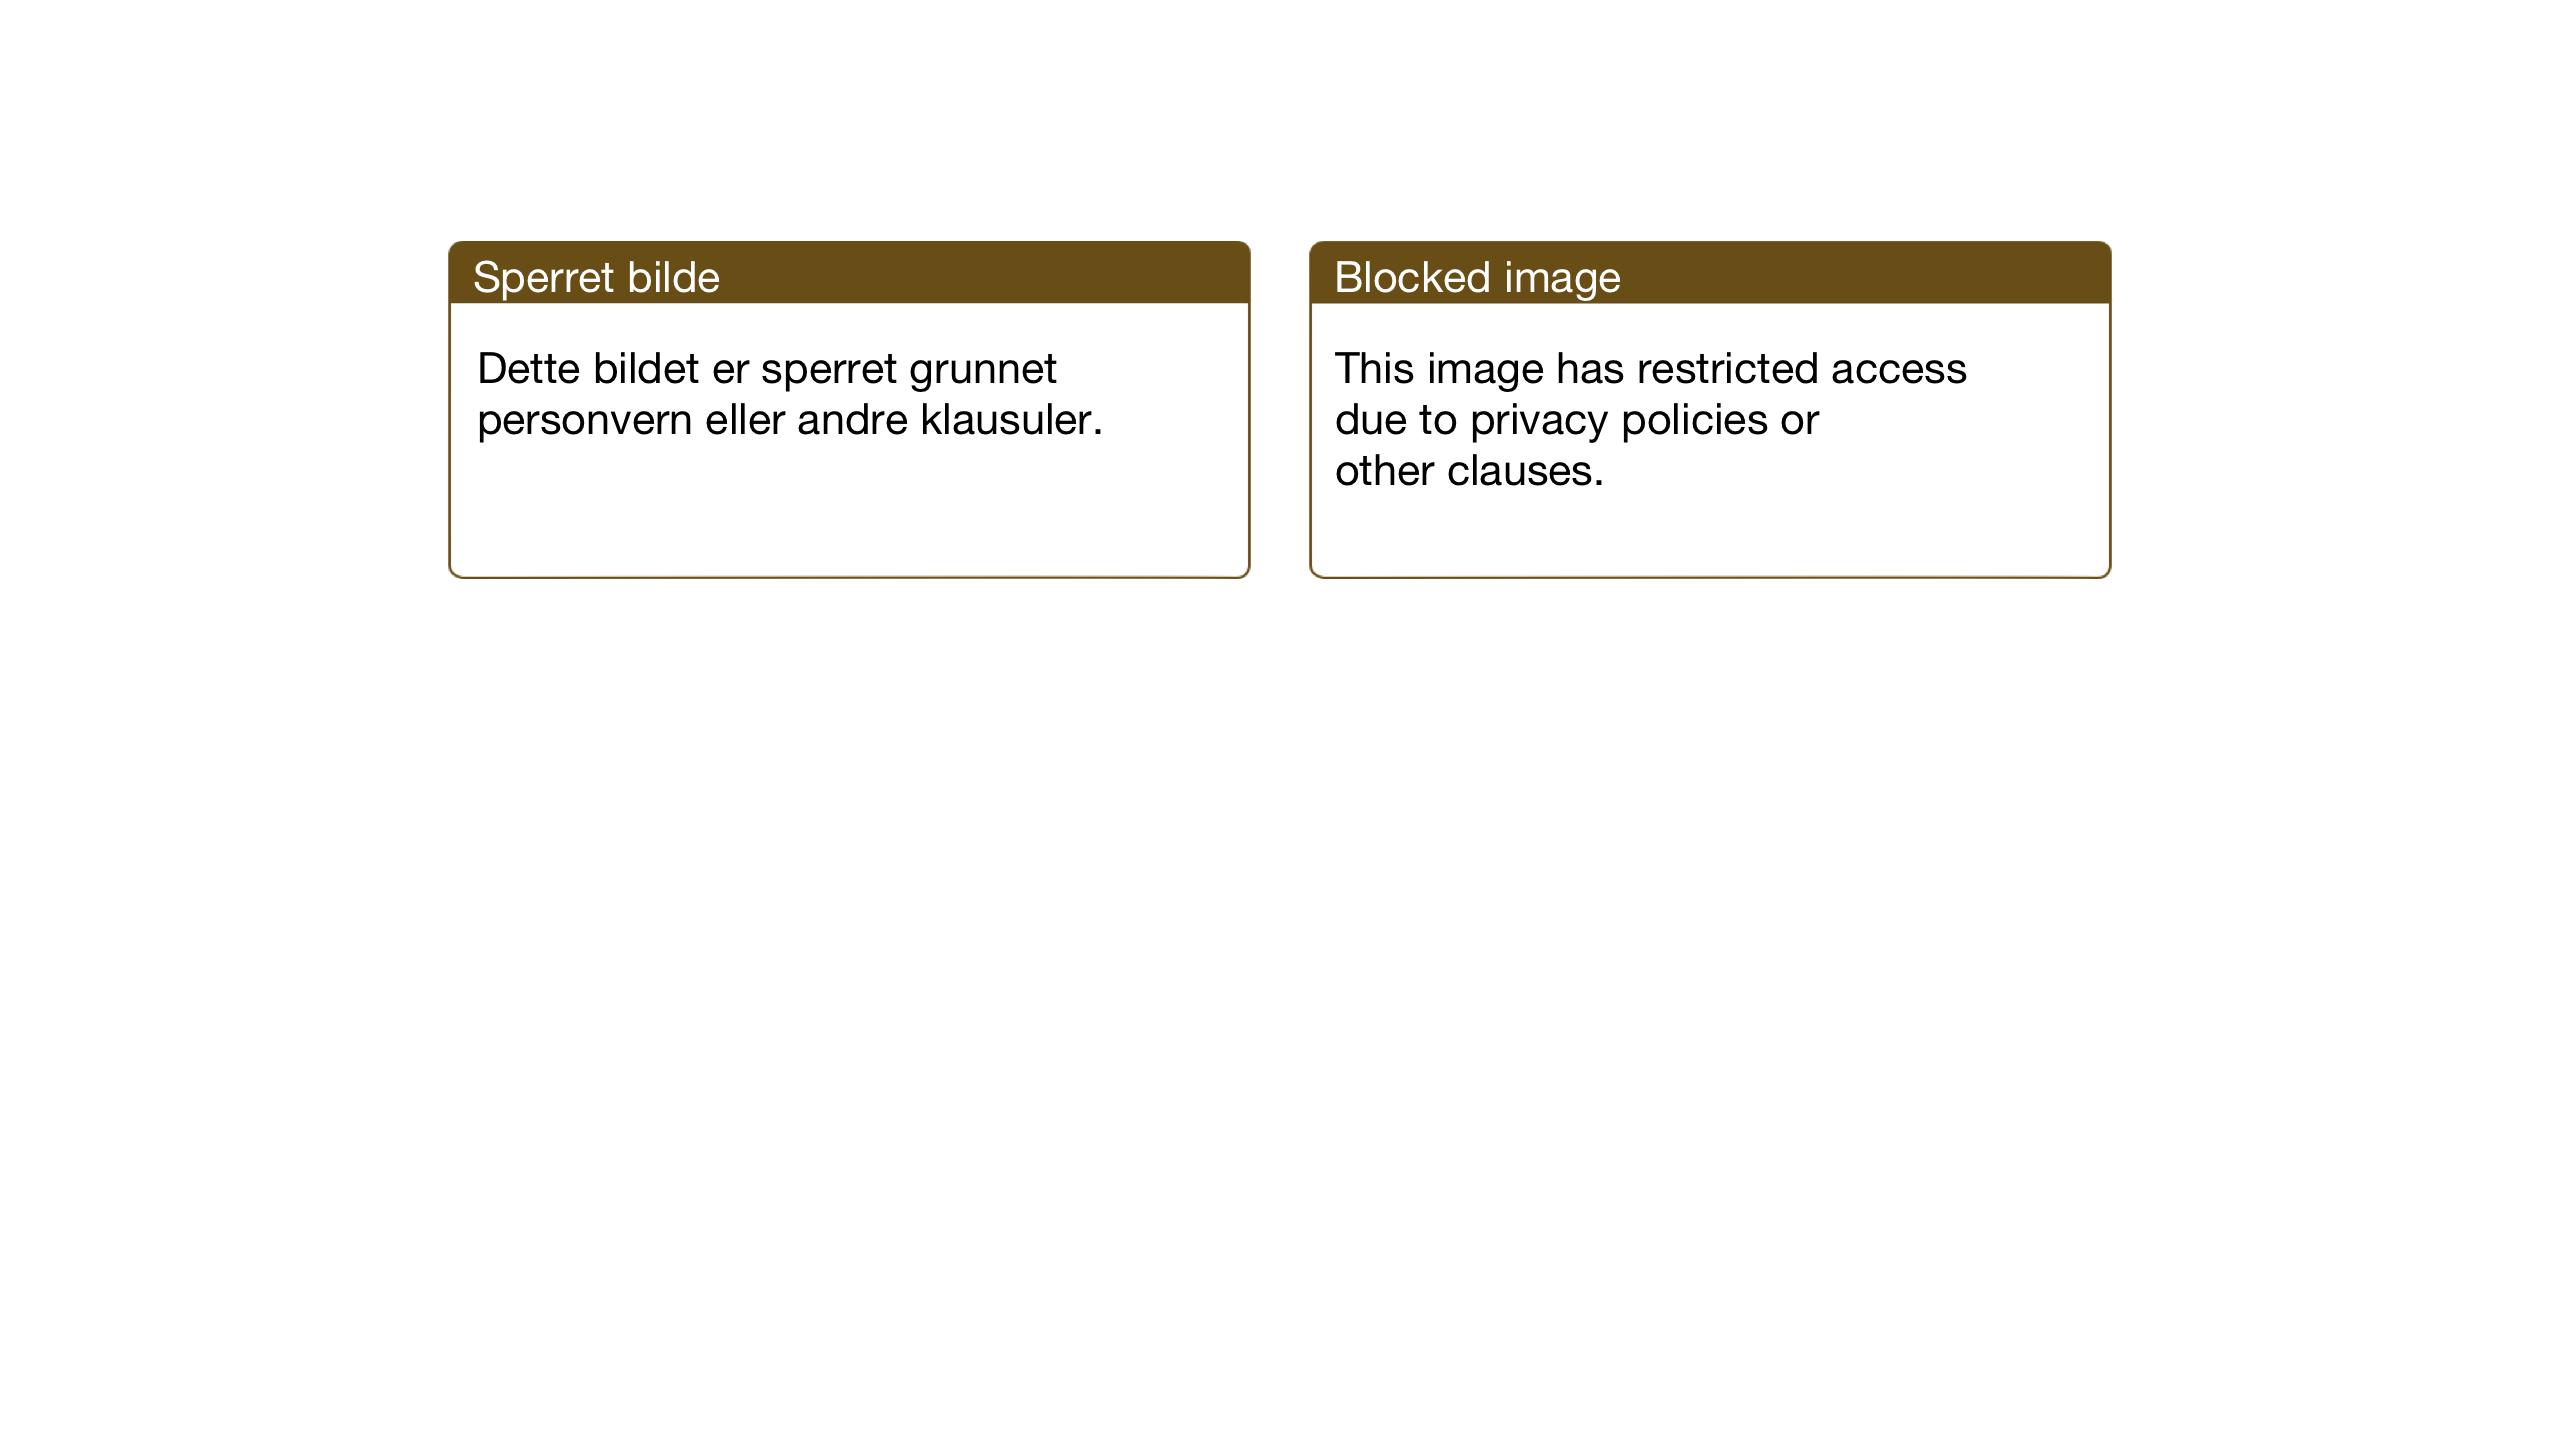 SAT, Ministerialprotokoller, klokkerbøker og fødselsregistre - Nord-Trøndelag, 722/L0227: Klokkerbok nr. 722C03, 1928-1958, s. 11